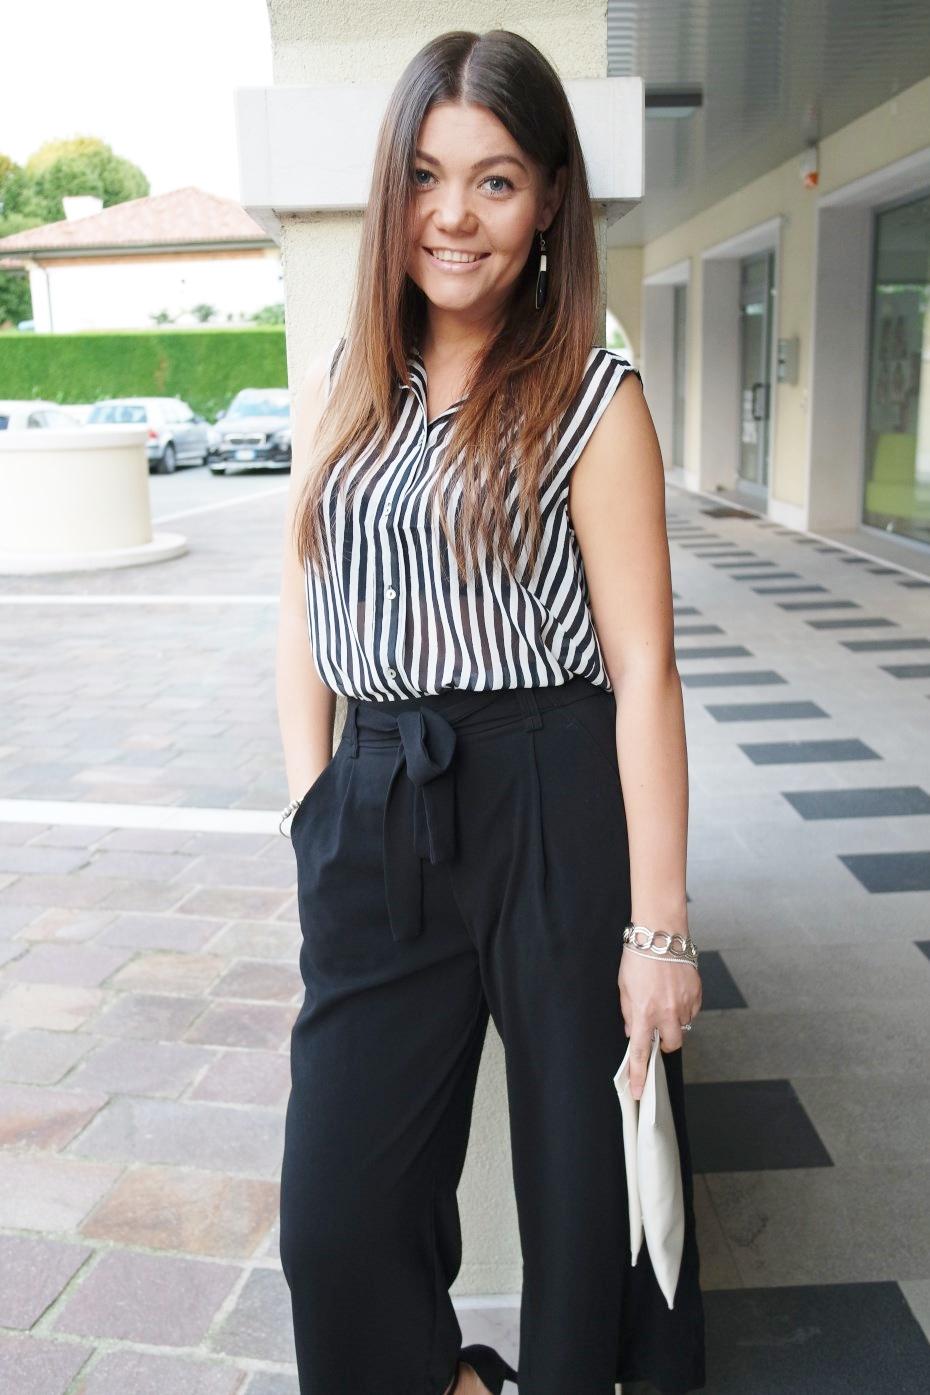 Pantaloni culottes ed una camicia a righe